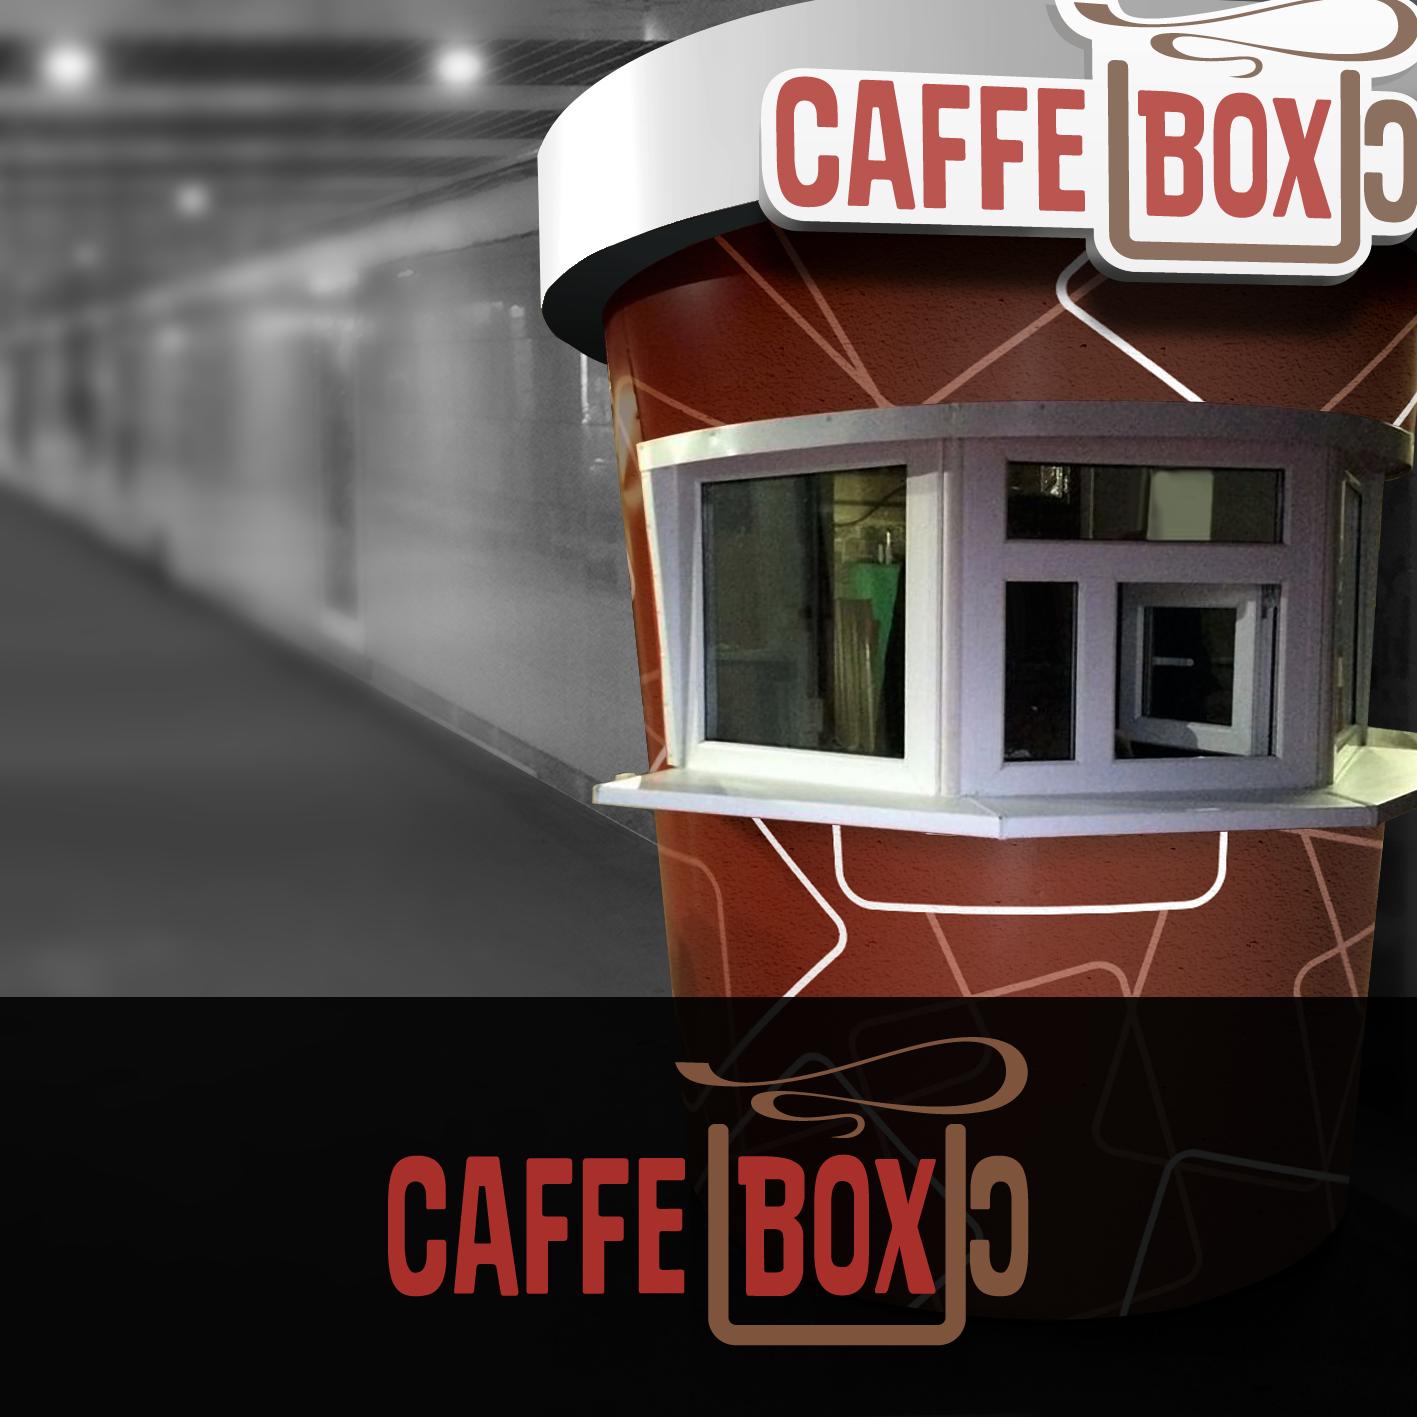 Требуется очень срочно разработать логотип кофейни! фото f_9625a0b3f4f131f3.png